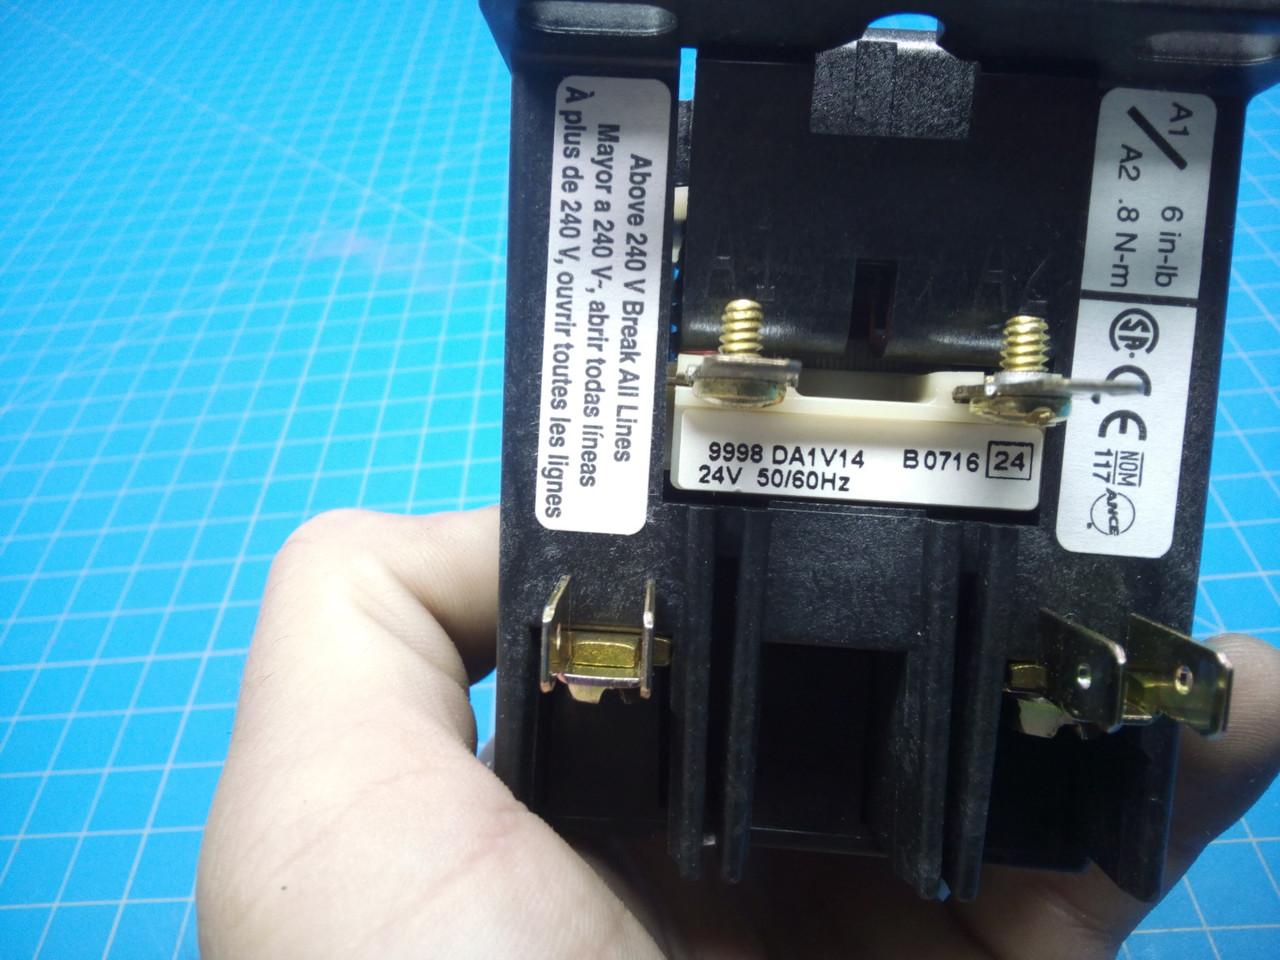 Square D Definite Purpose Contactor 2 Pole 8910DPA12V14 - P01-000096